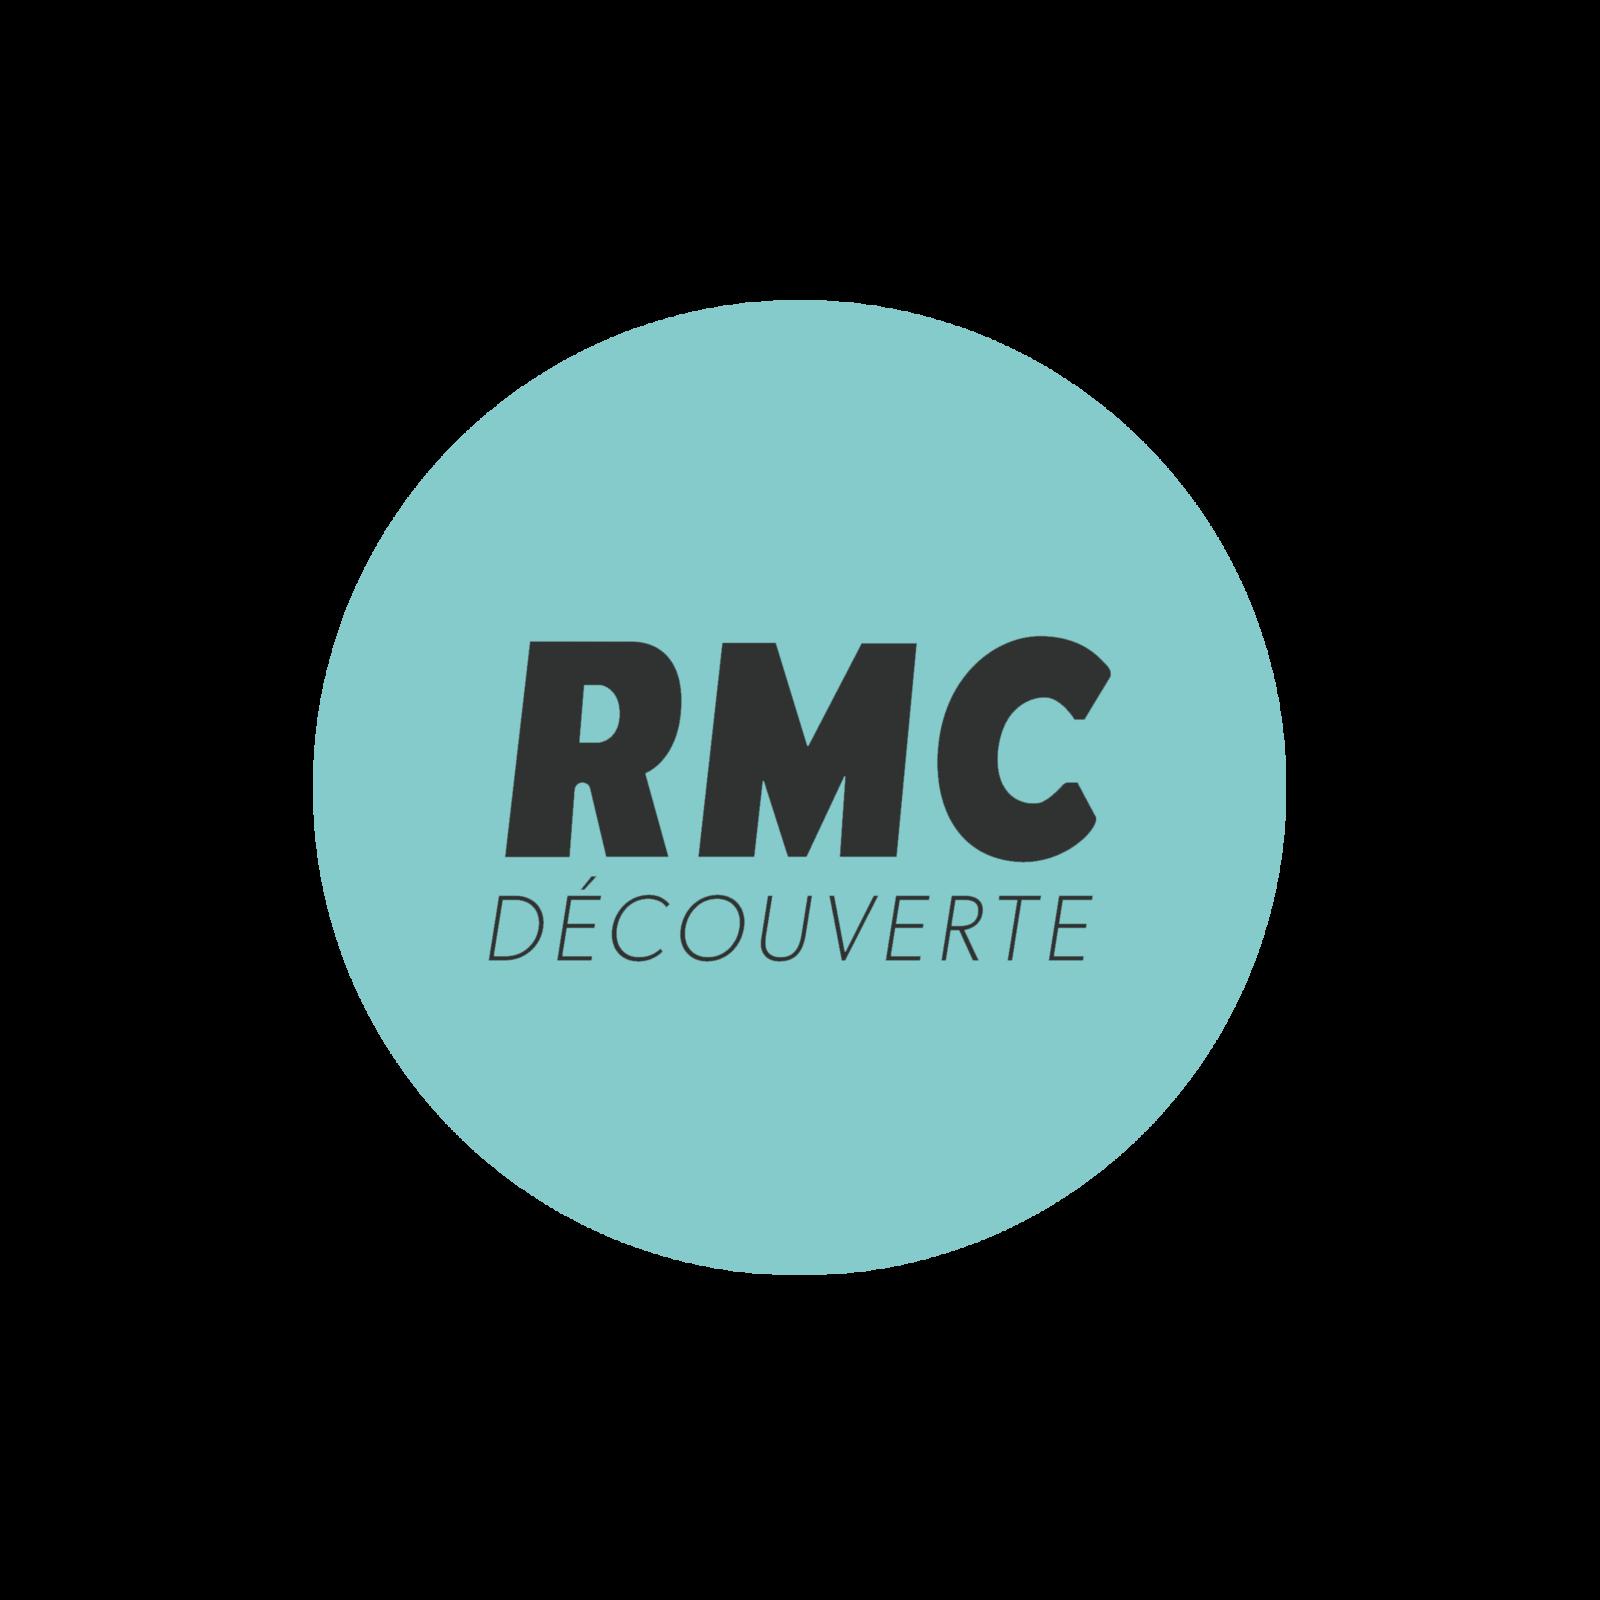 Les villes françaises sous l'Occupation : série documentaire inédite sur RMC Découverte.